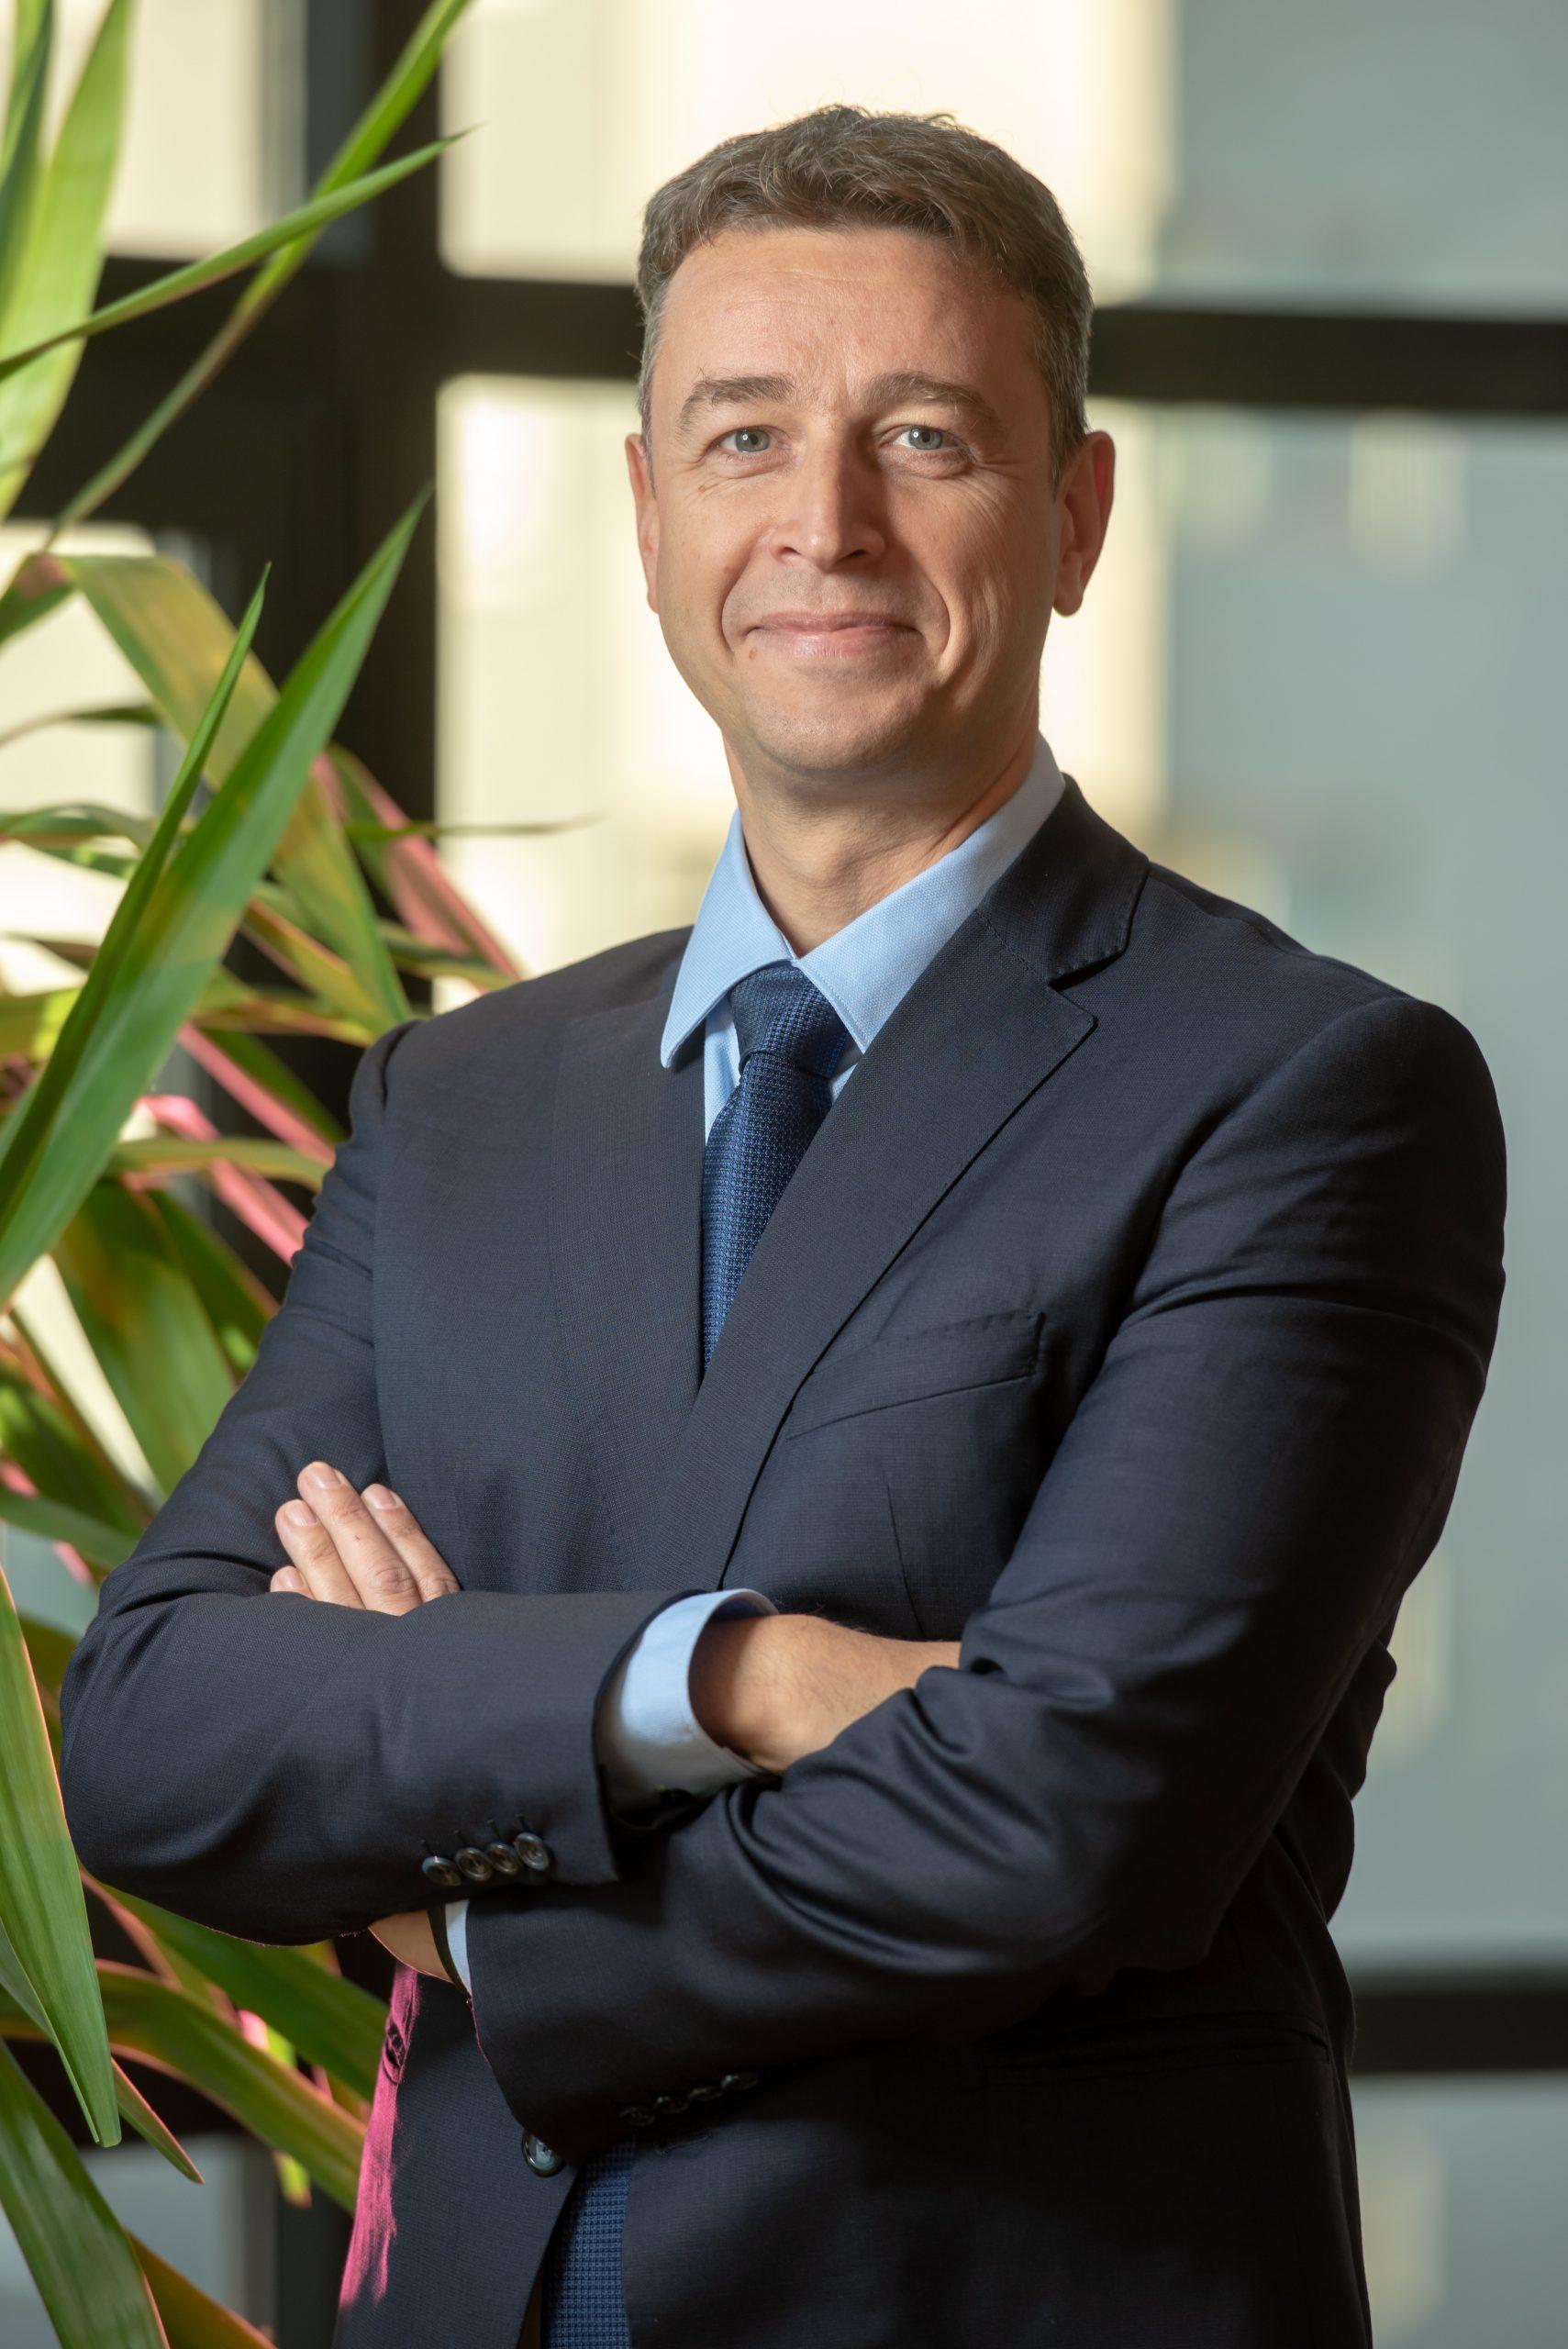 Balázs Békeffy, OTP banka CEO 1 - hrpsor Hrvatski poslovni savjet za održivi razvoj